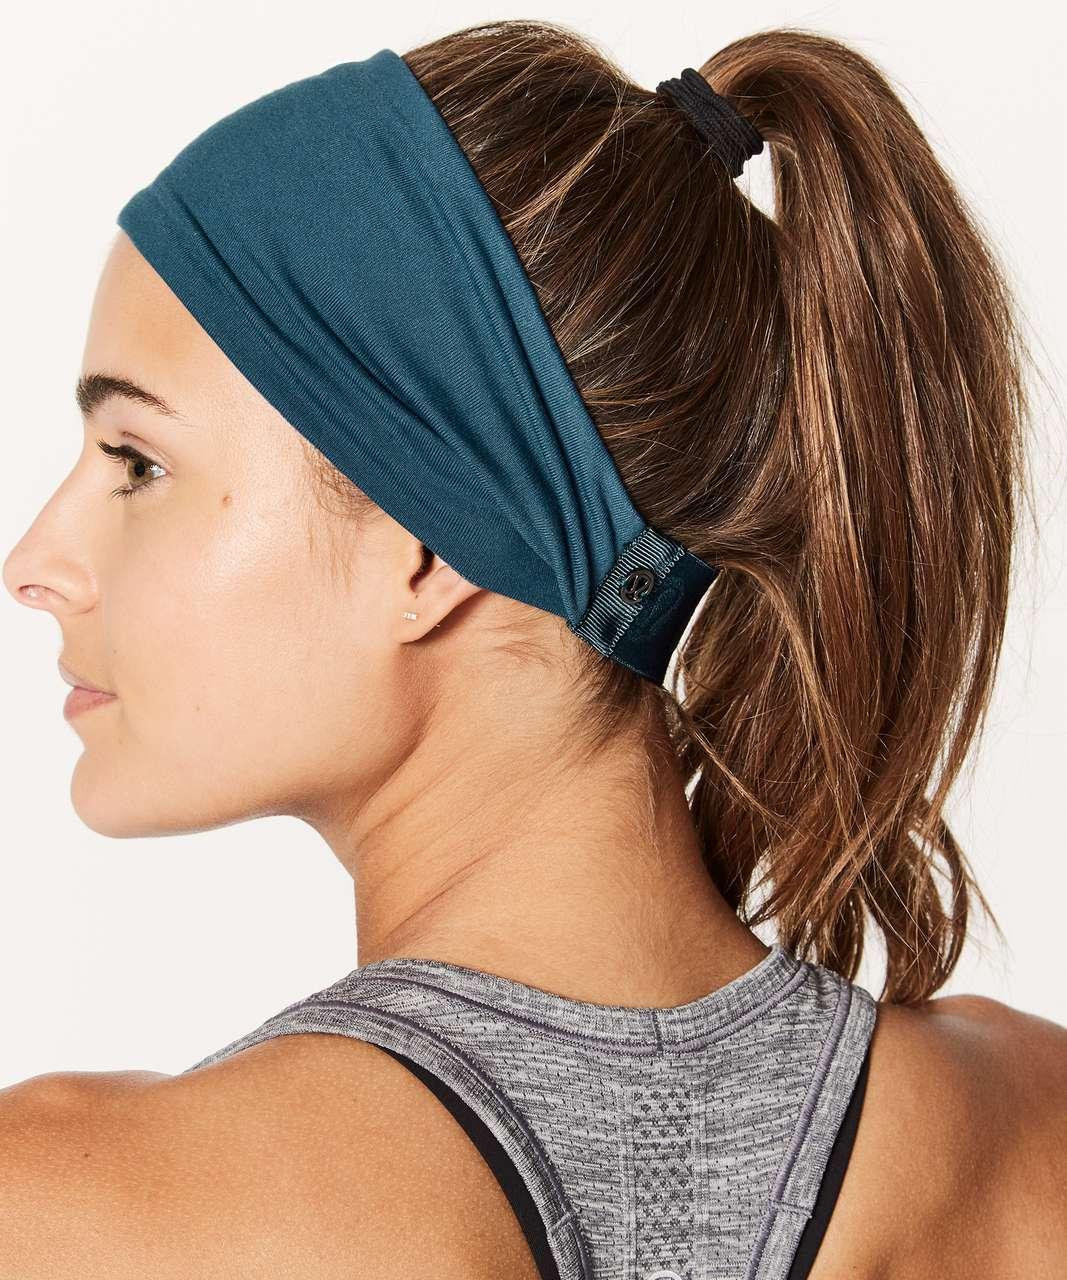 Lululemon Fringe Fighter Headband - Nile Blue / Heathered Nile Blue